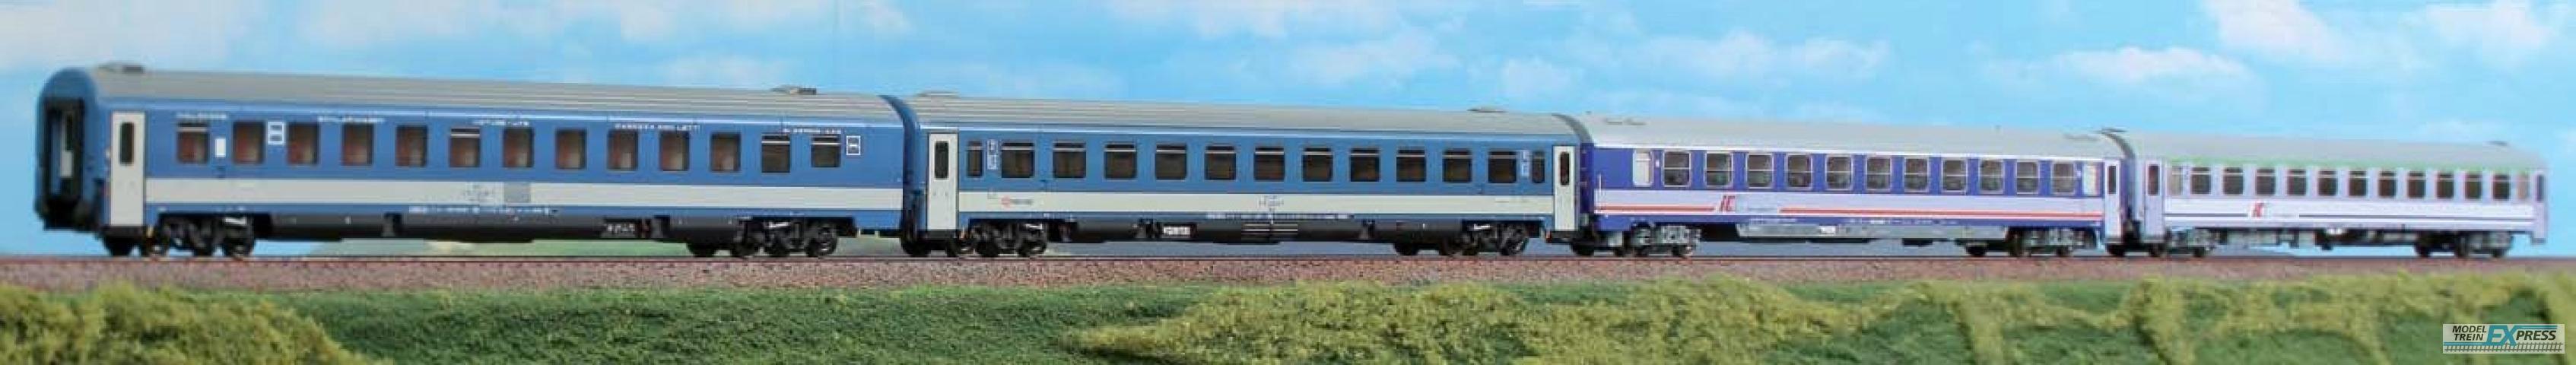 ACME 55248